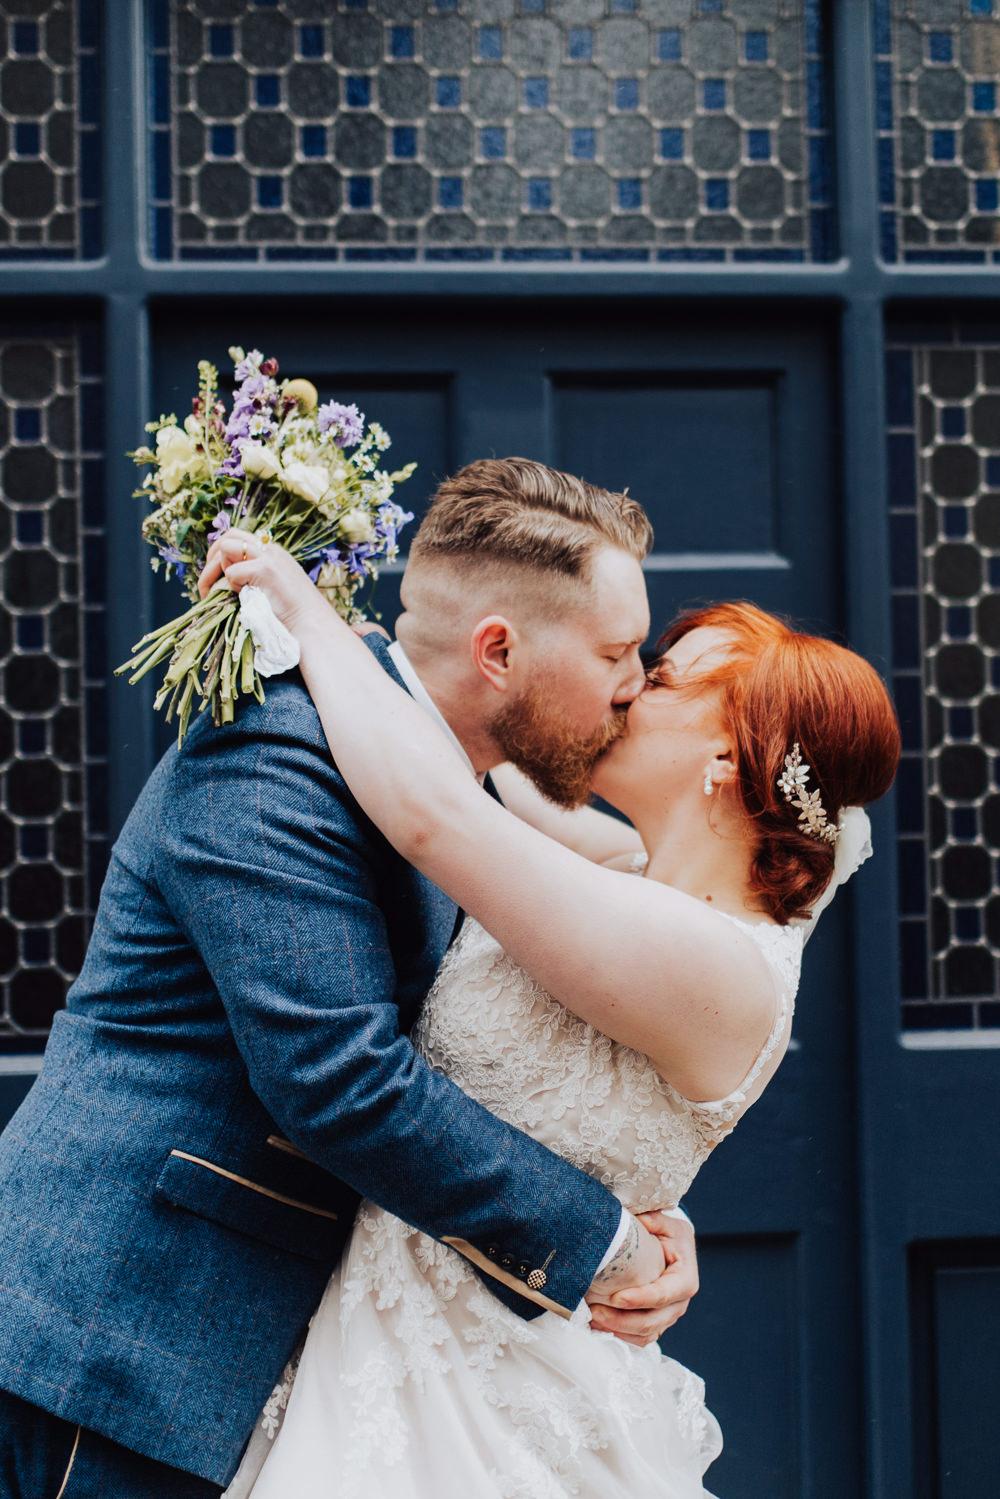 Homemade Wedding Wyldbee Photography